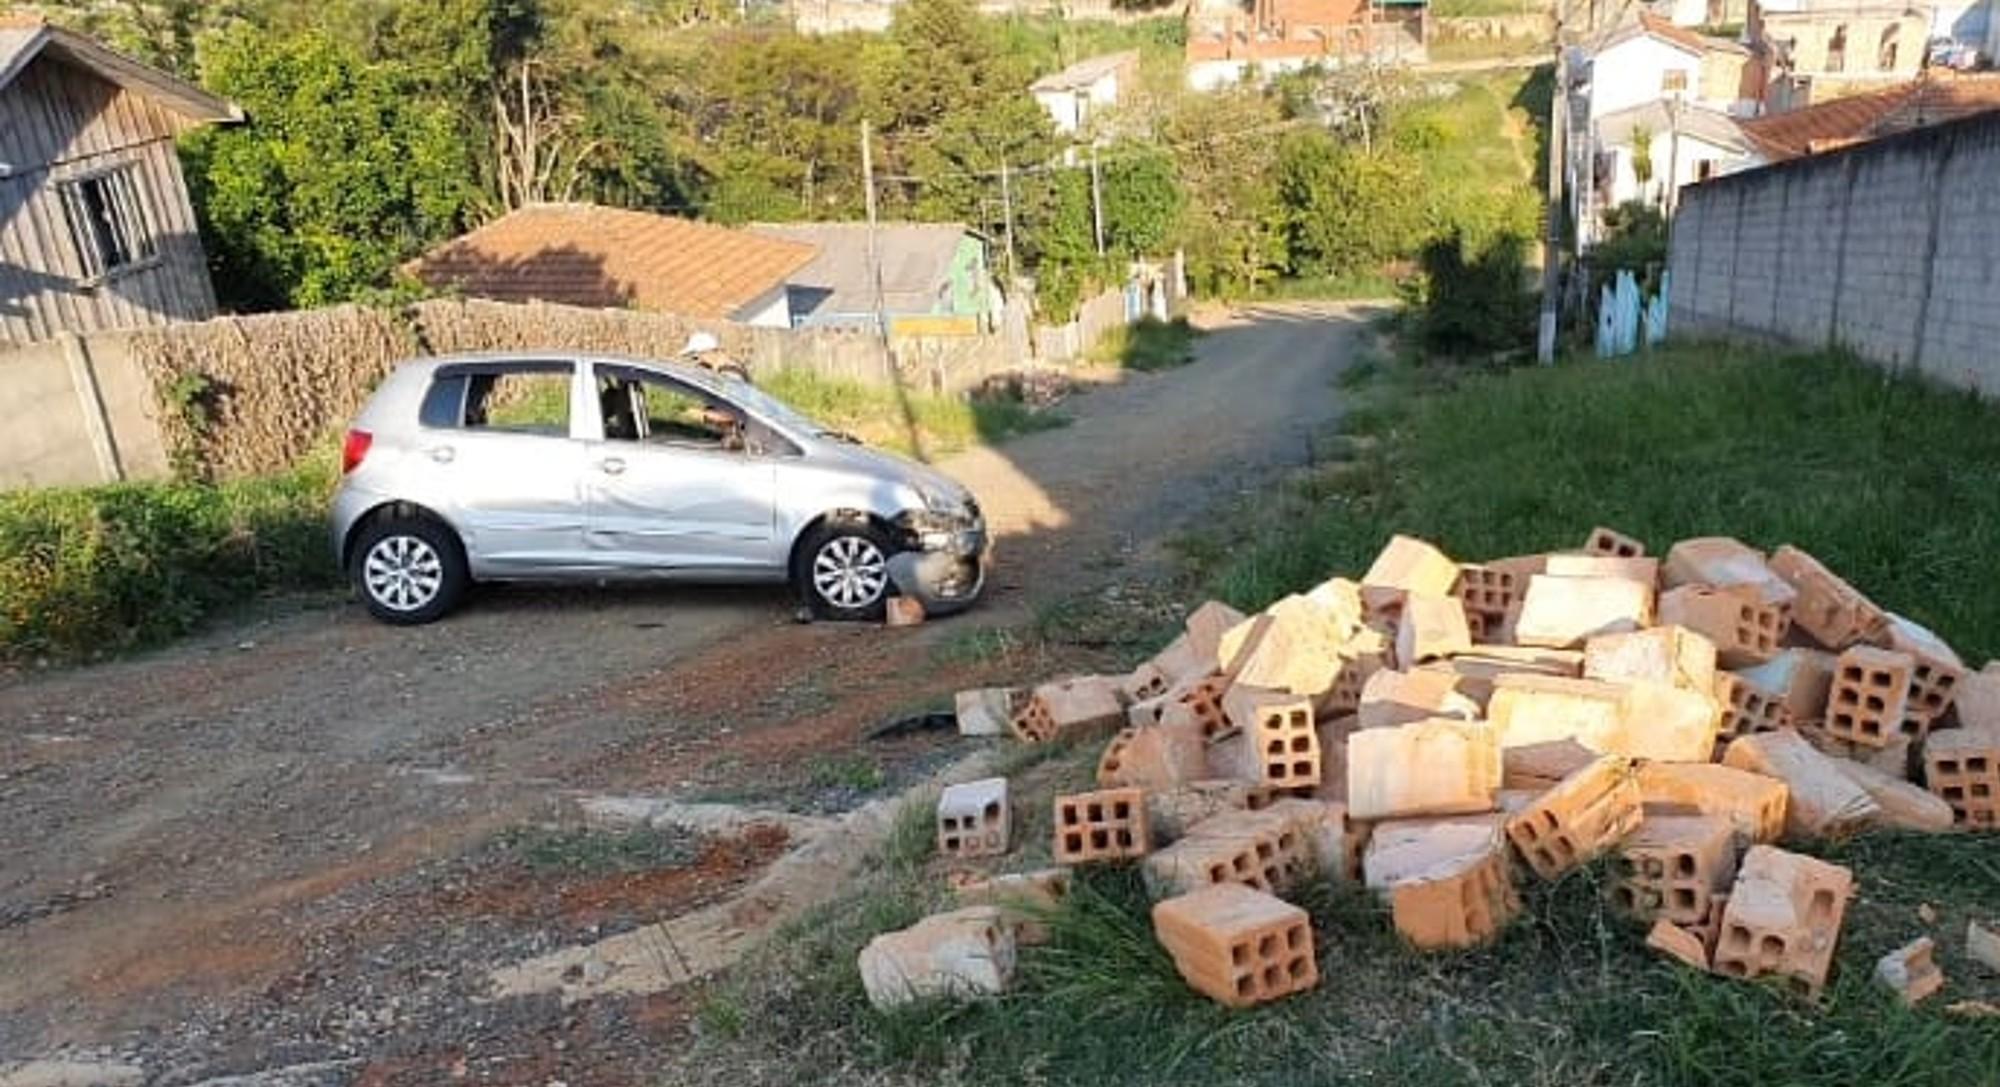 Carro perde freio, capota e quatro pessoas ficam feridas em Ponta Grossa, diz PM